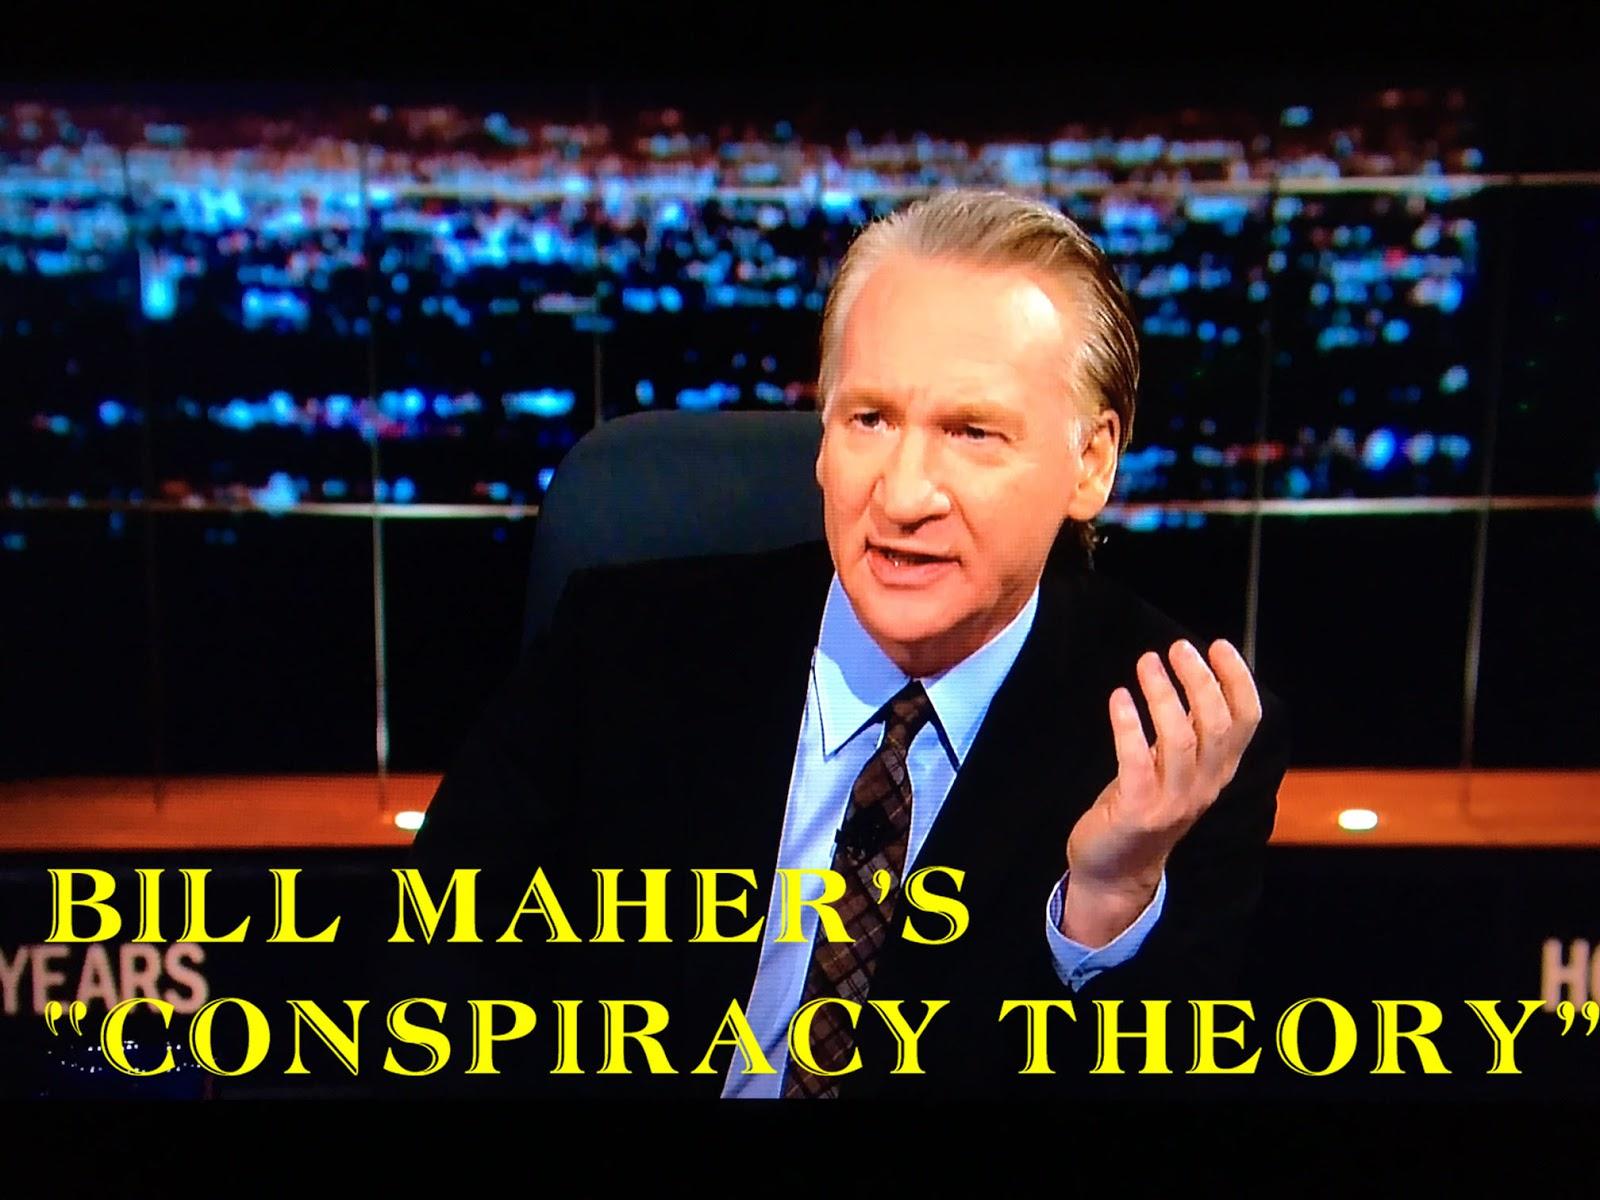 Image result for Bill Maher blogspot.com